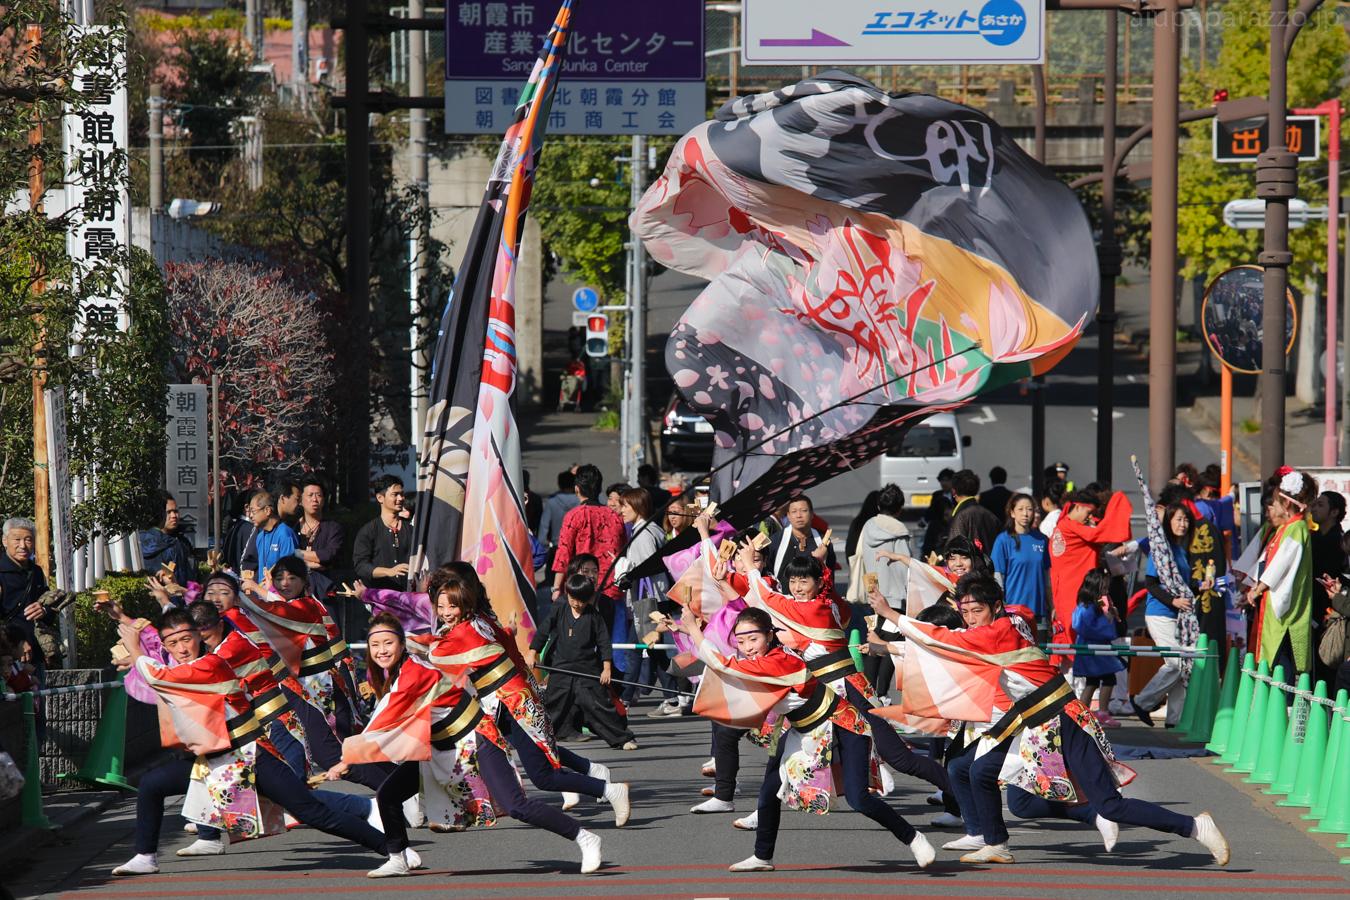 kabuki2016ran_oyachai-4.jpg